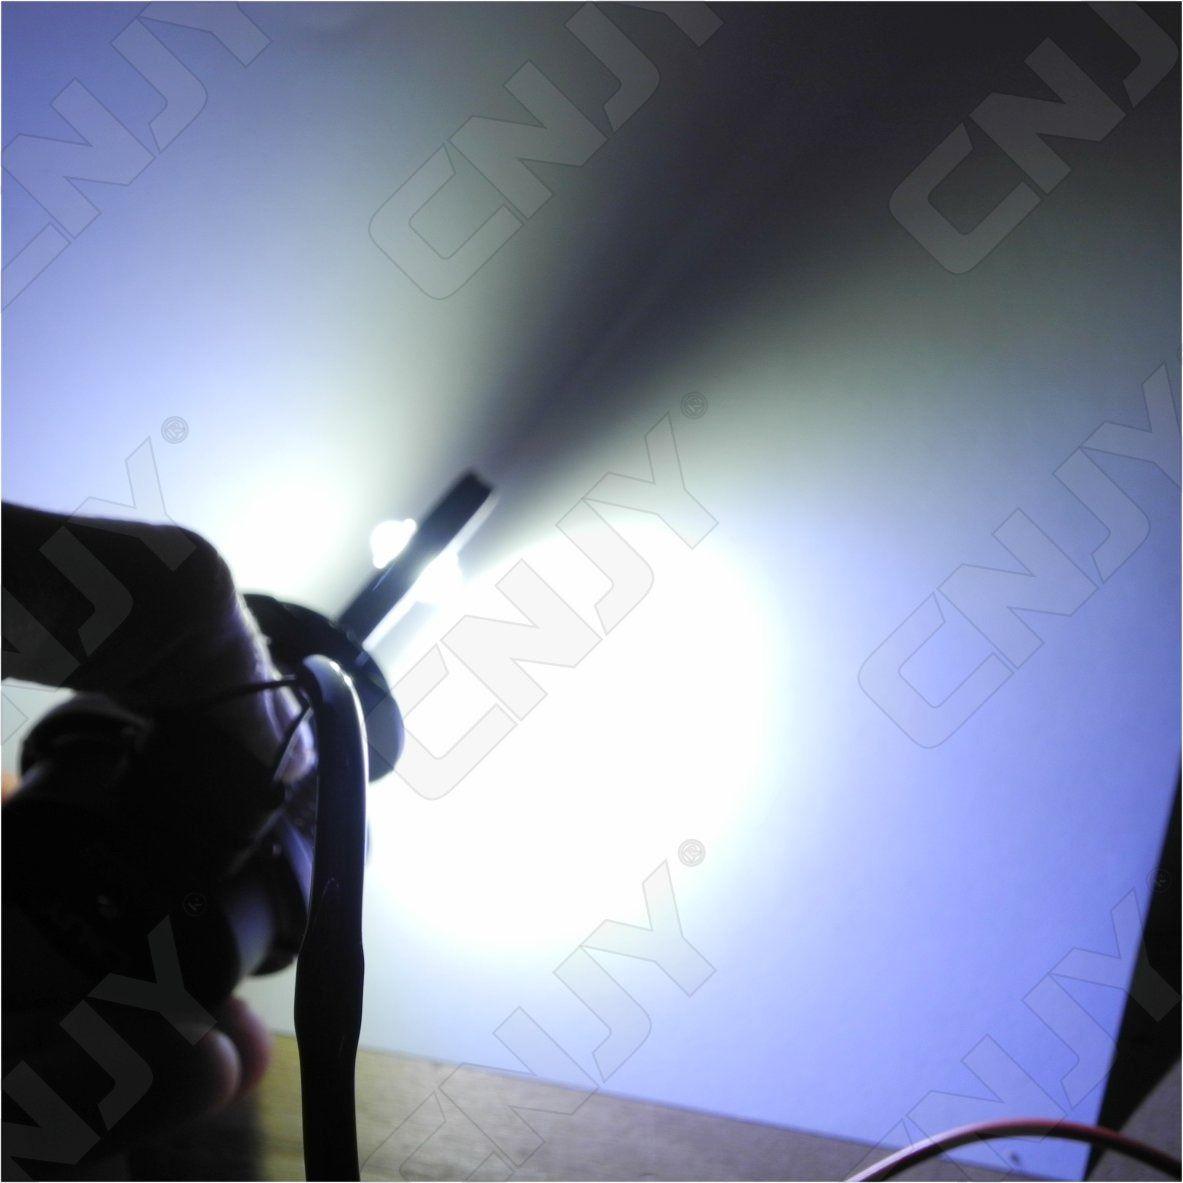 kit led cnjy elistar v3 slim 2 ampoules non ventilee h7 px26d 6000k pour feux croisement. Black Bedroom Furniture Sets. Home Design Ideas